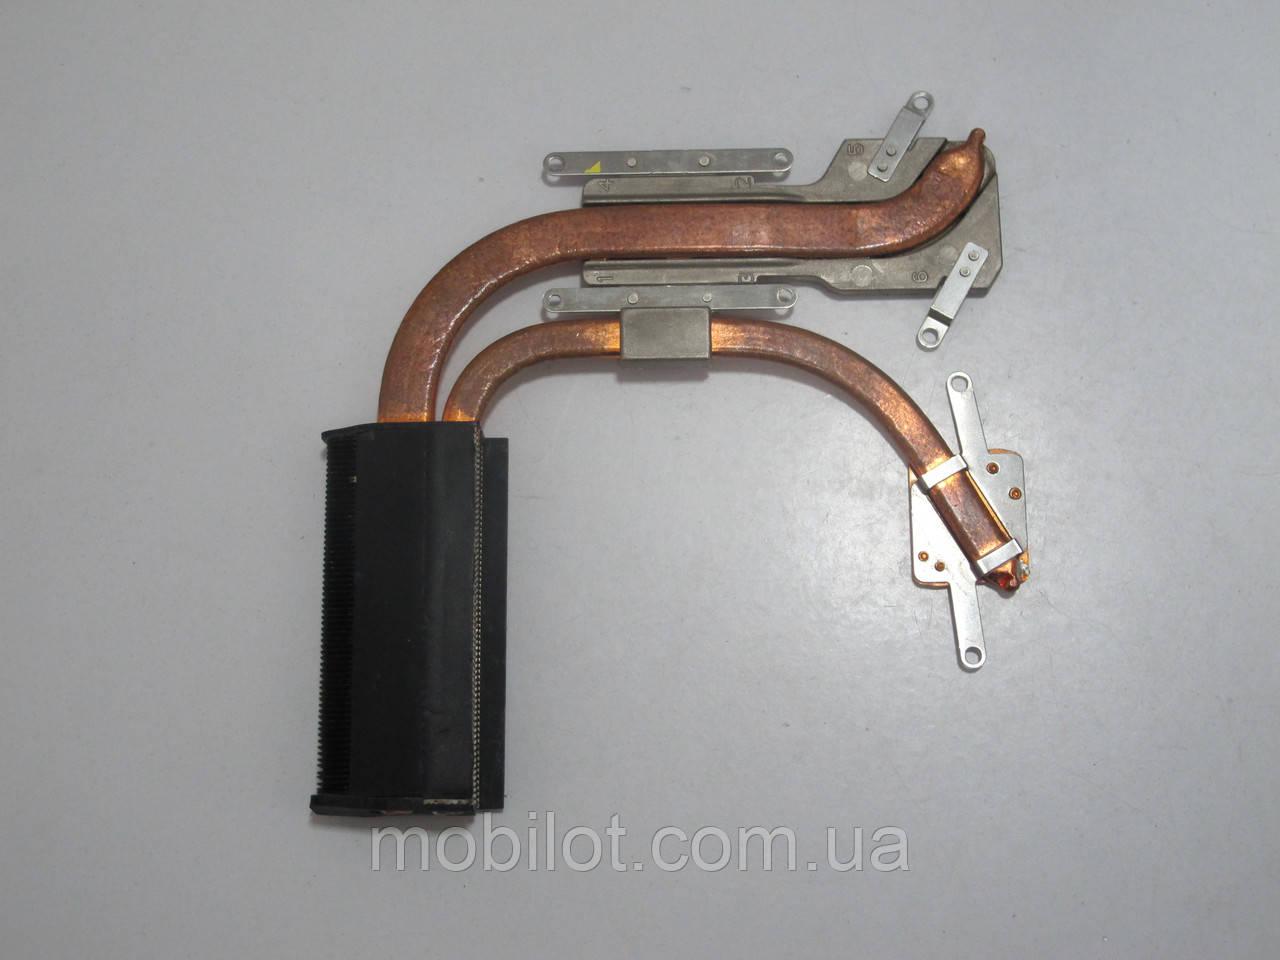 Система охлаждения Asus N61 (NZ-7223)